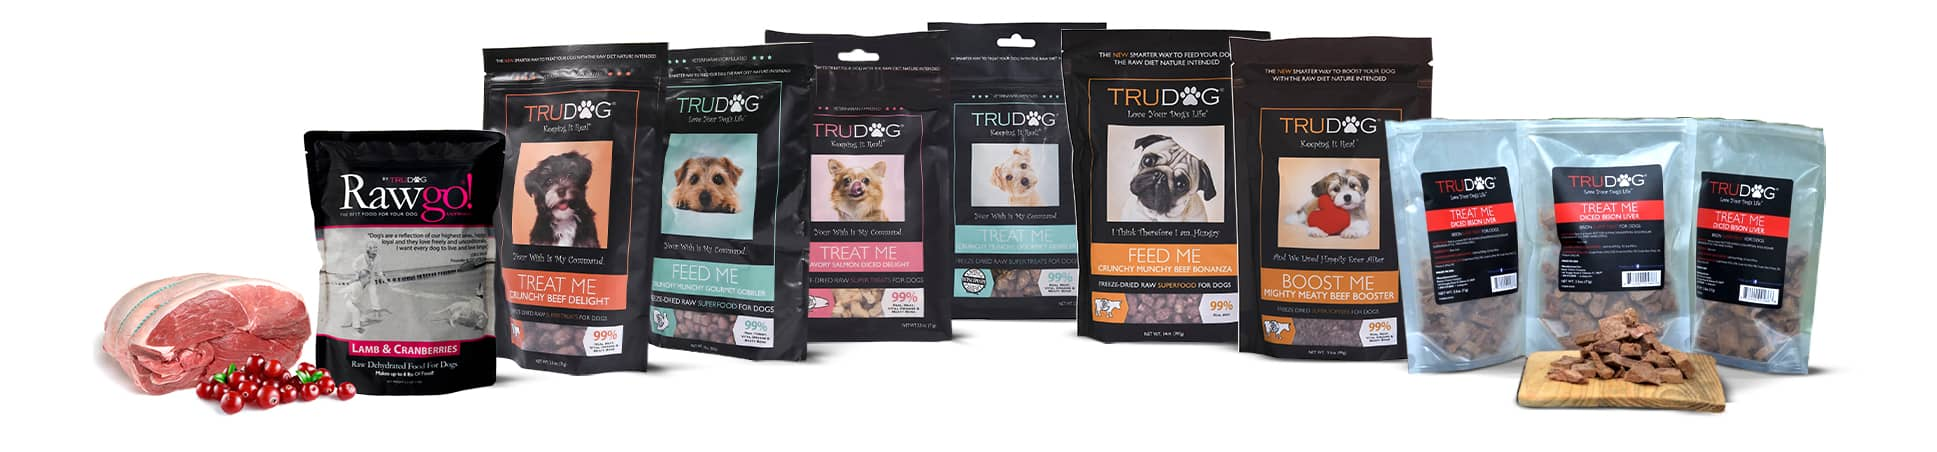 Tru Dog Products